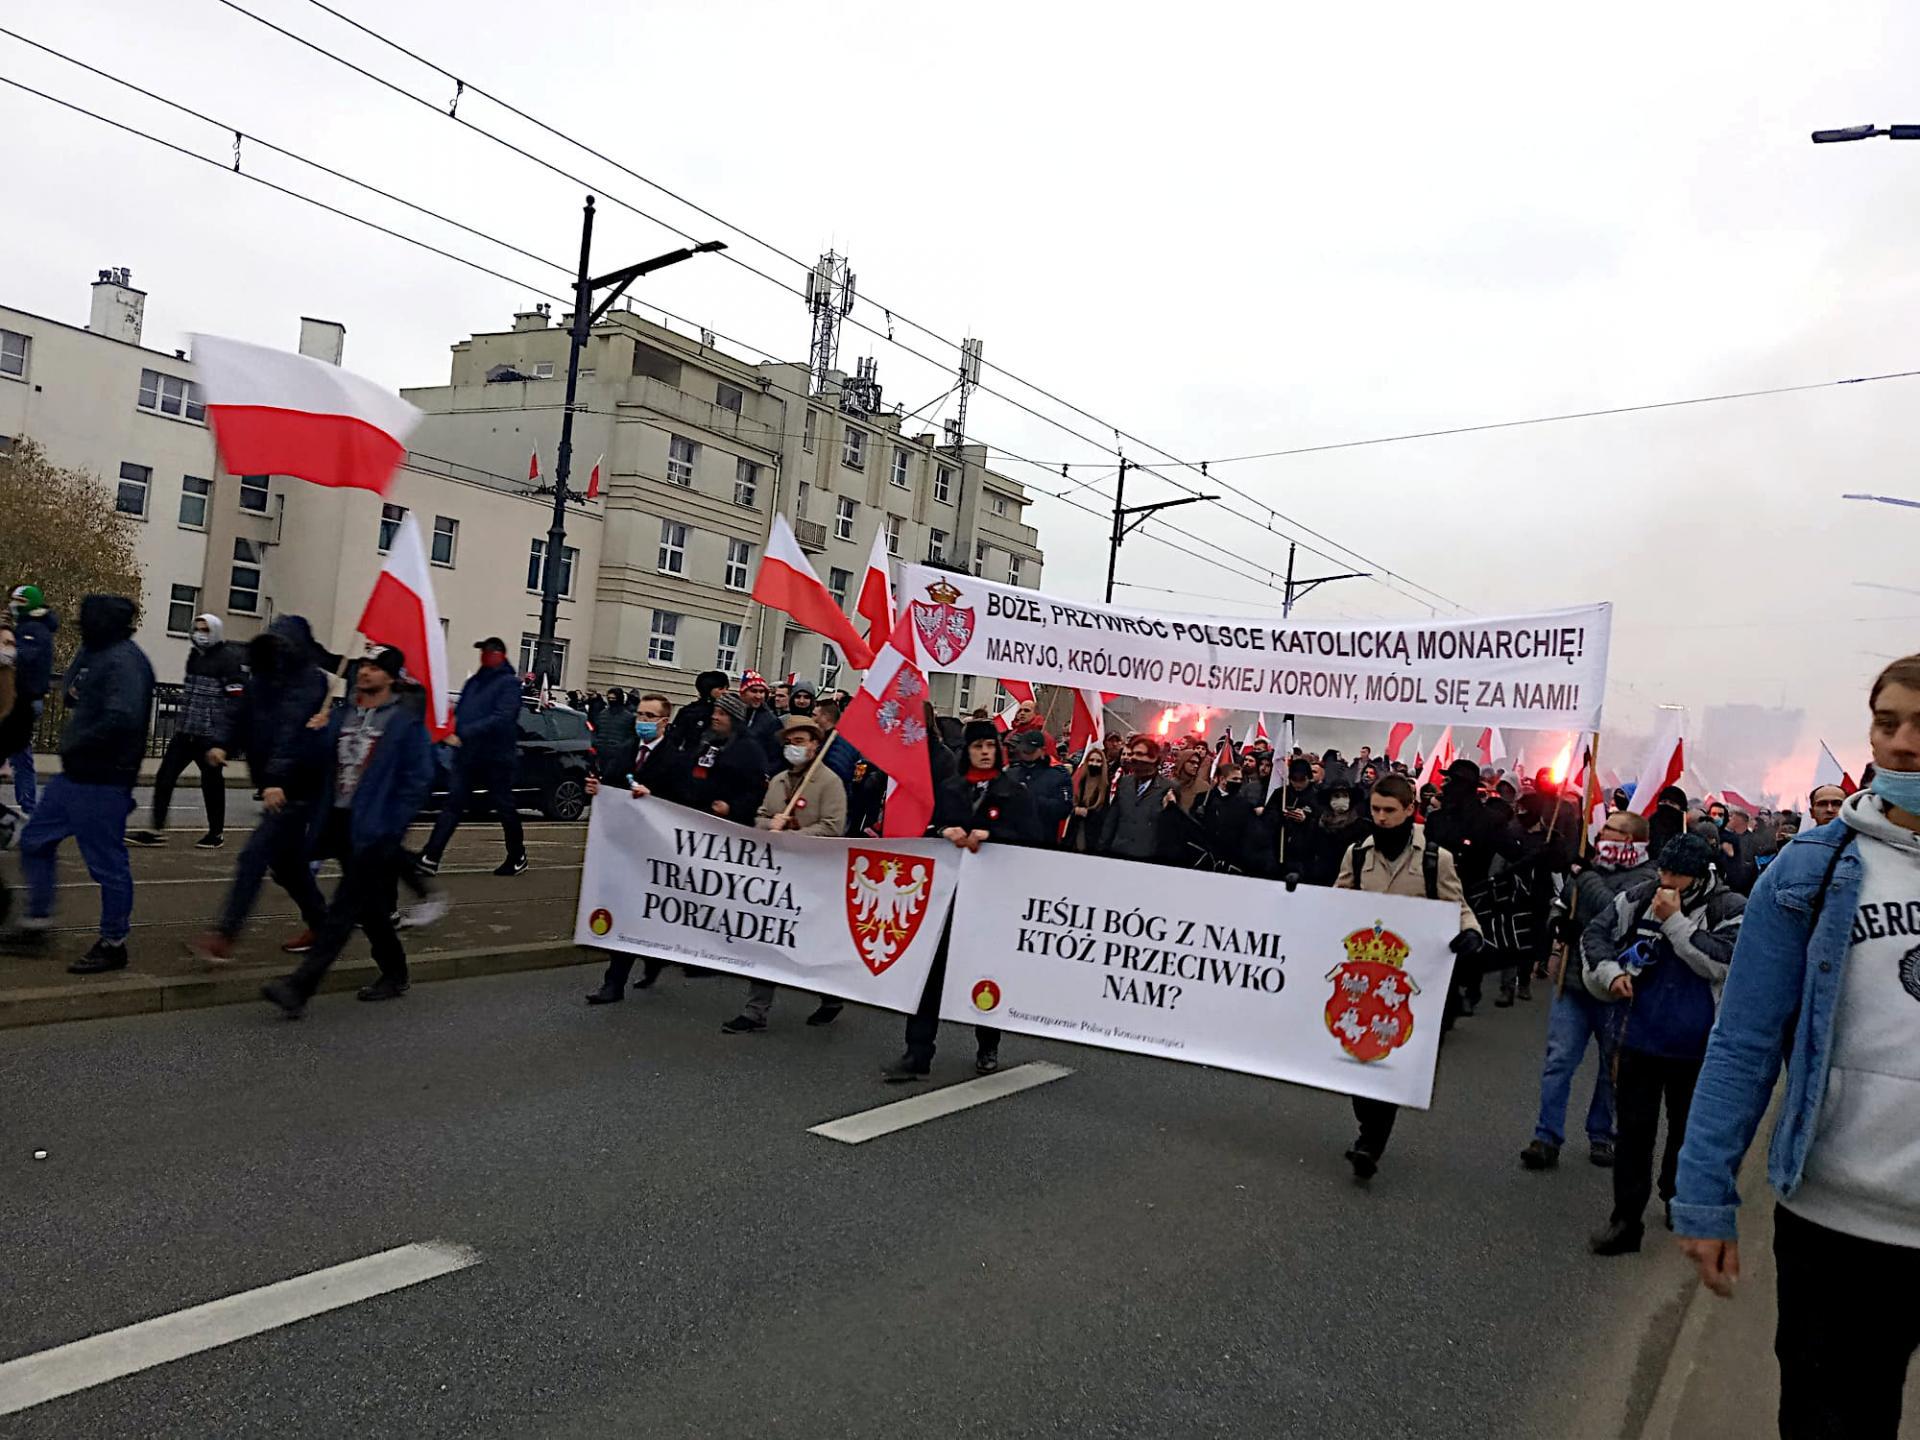 Les monarchistes marchent le 11 novembre